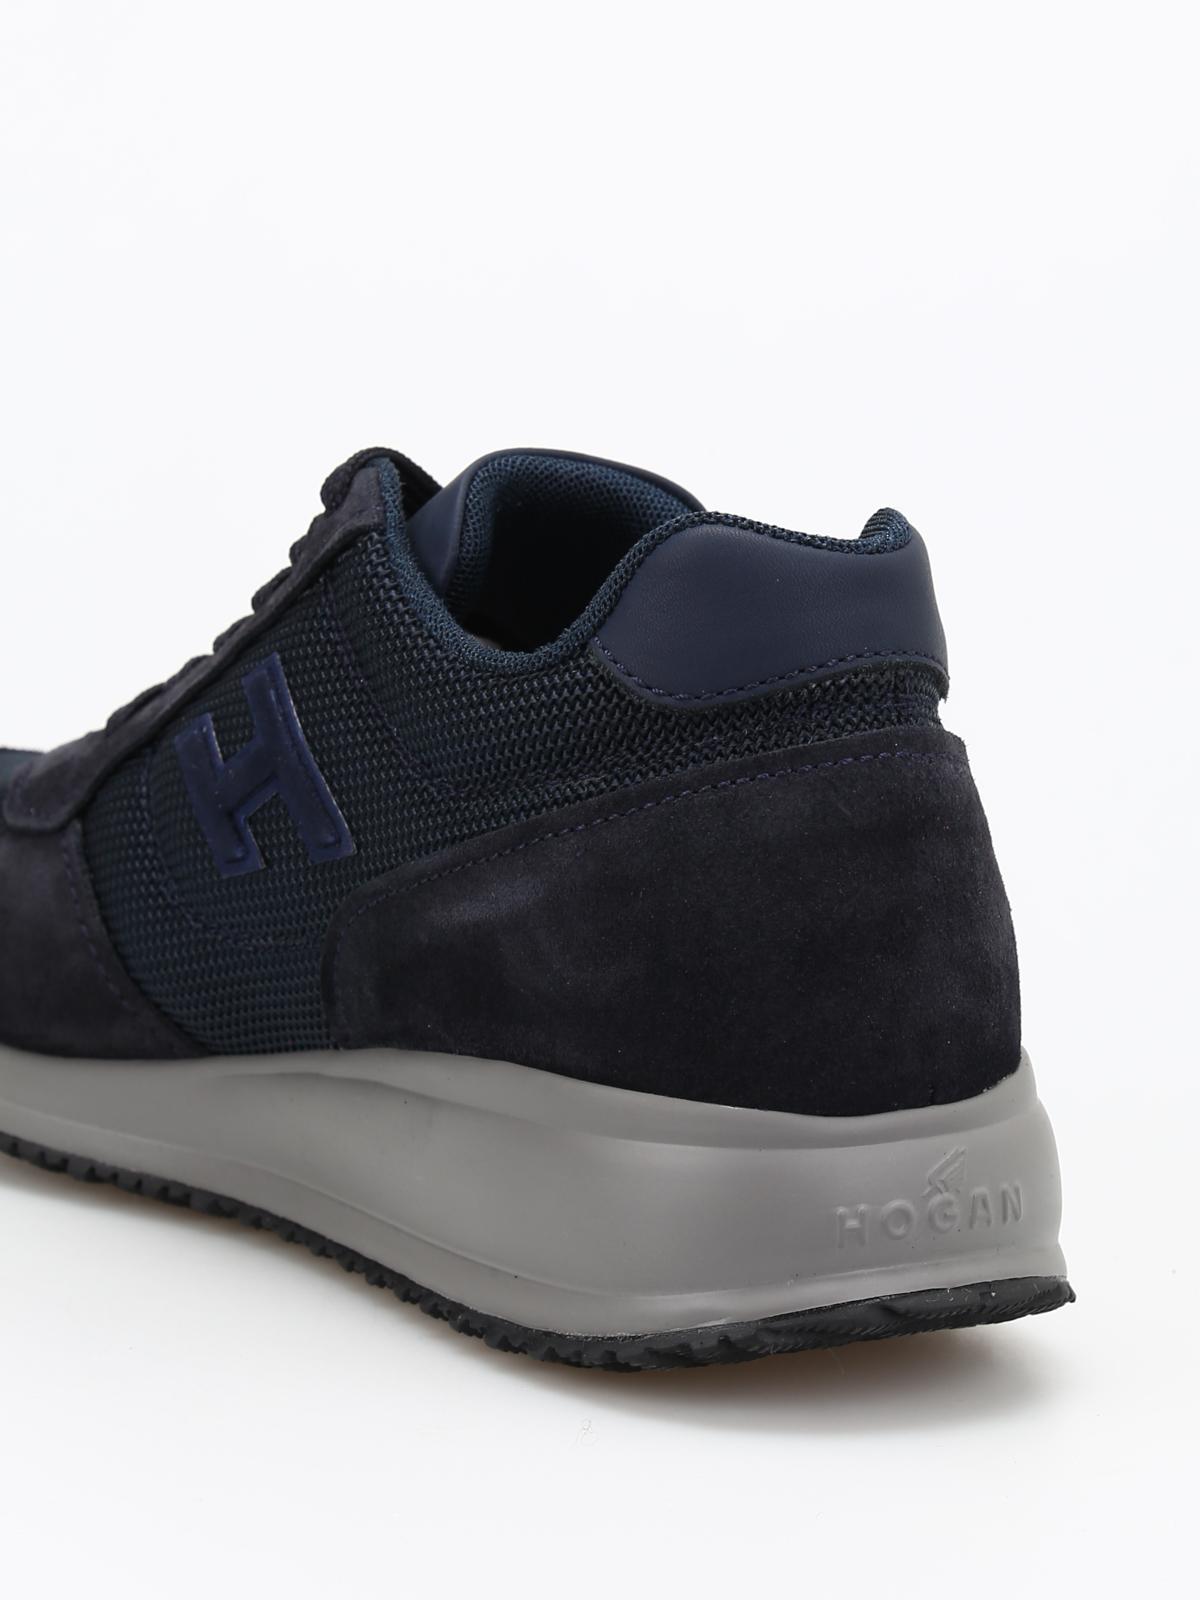 Hogan - Interactive N20 sneakers - trainers - HXM2460Y790H160071